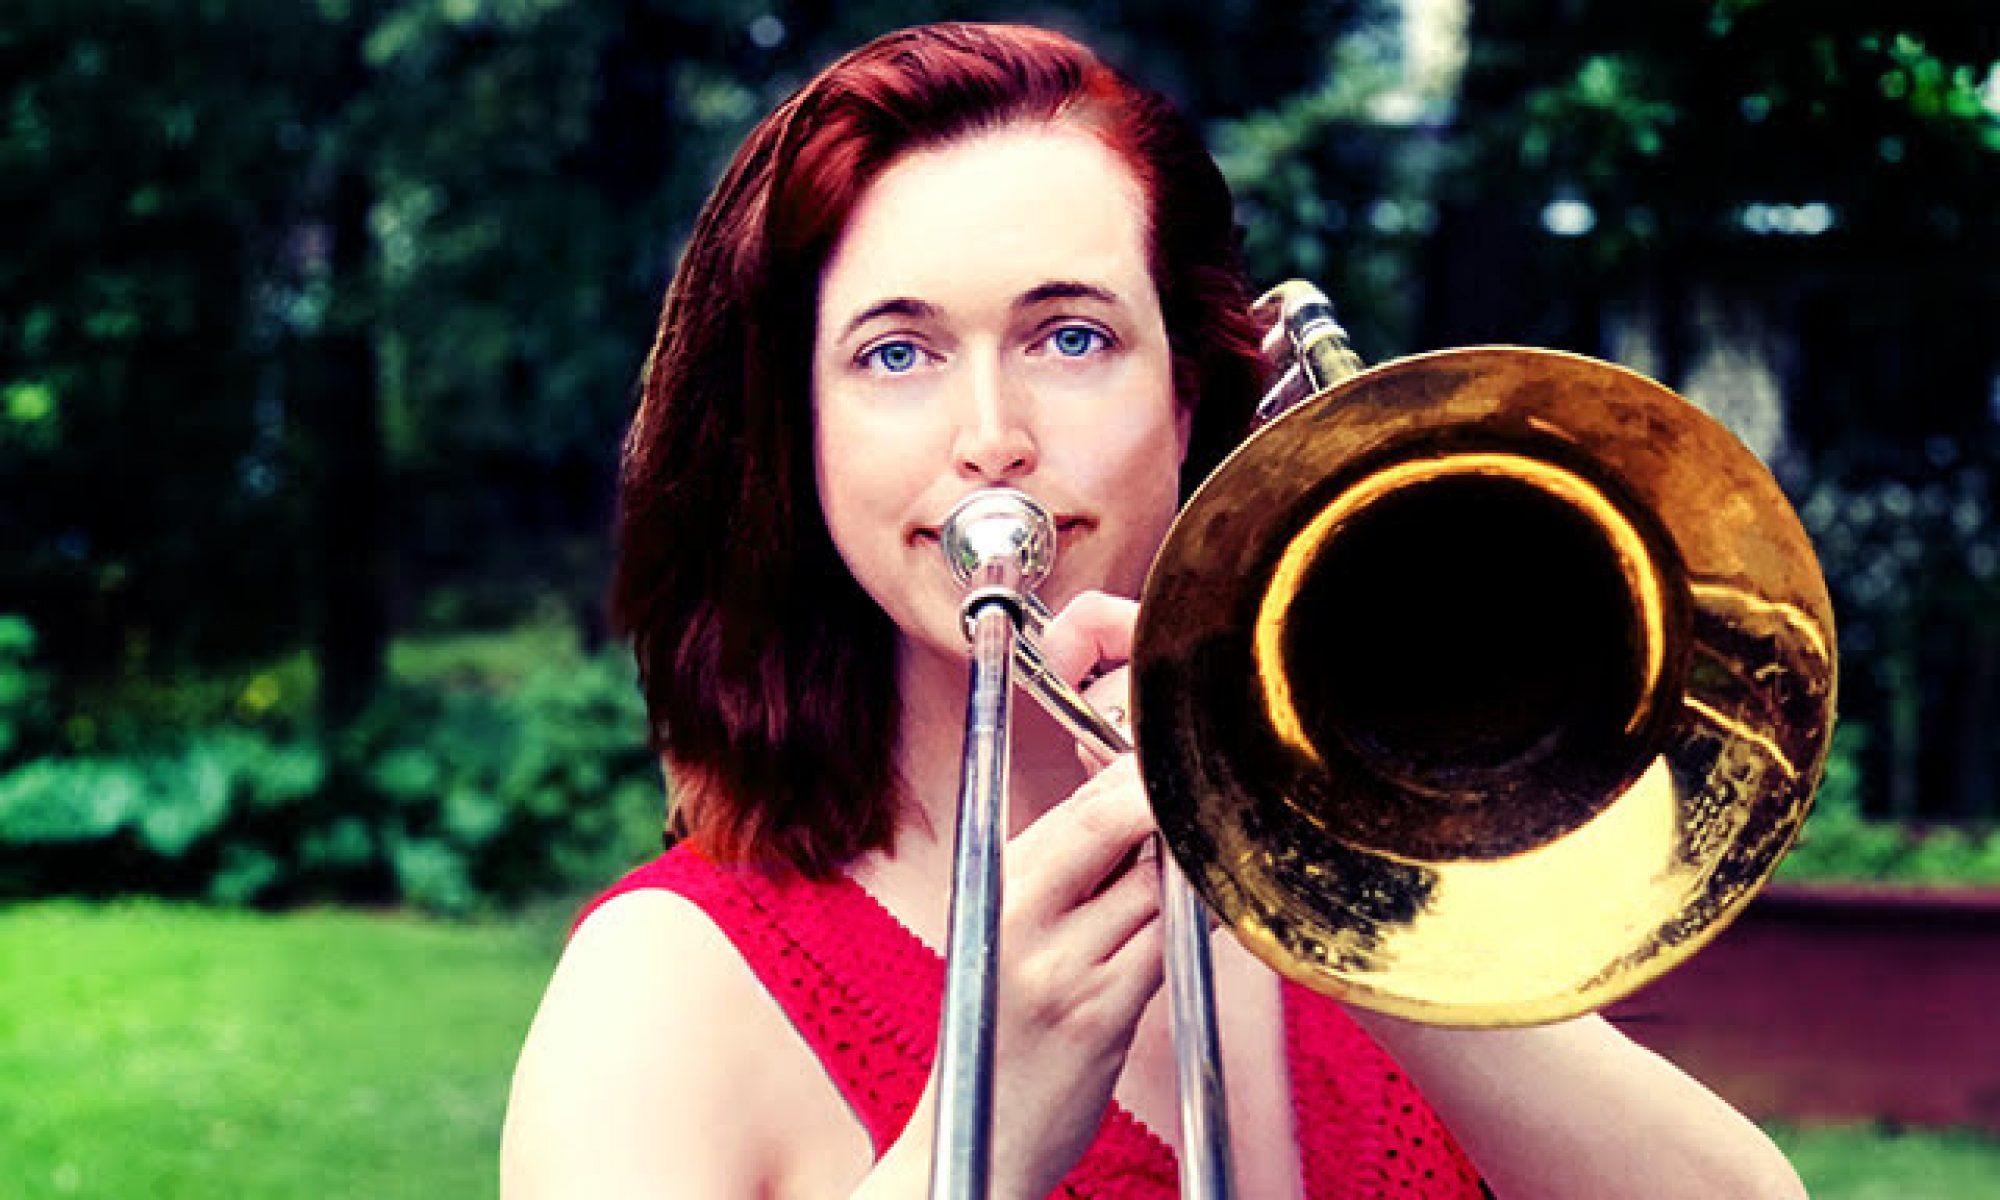 Shannon Gunn